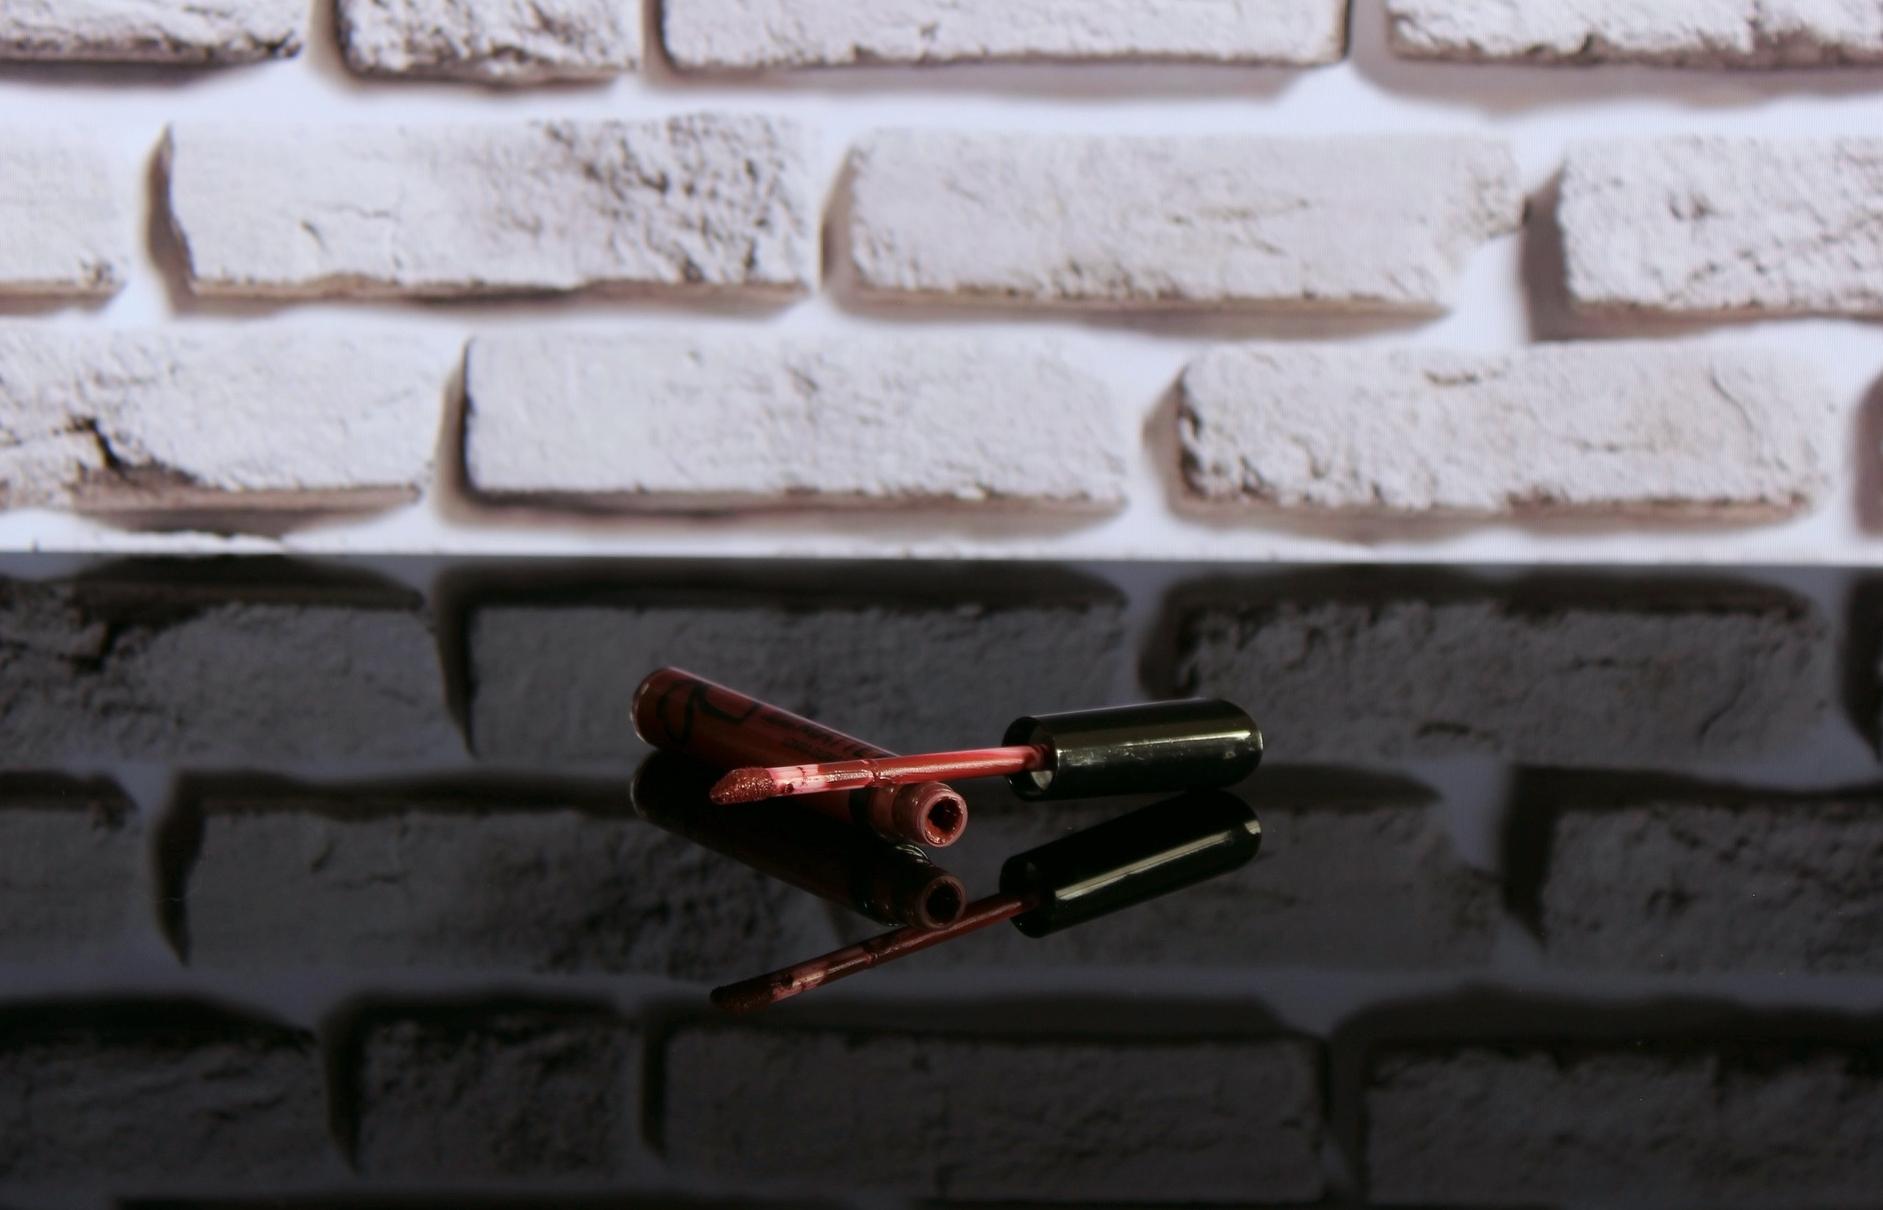 Batom Líquido Vult cor 08 - Foto por Bruno França